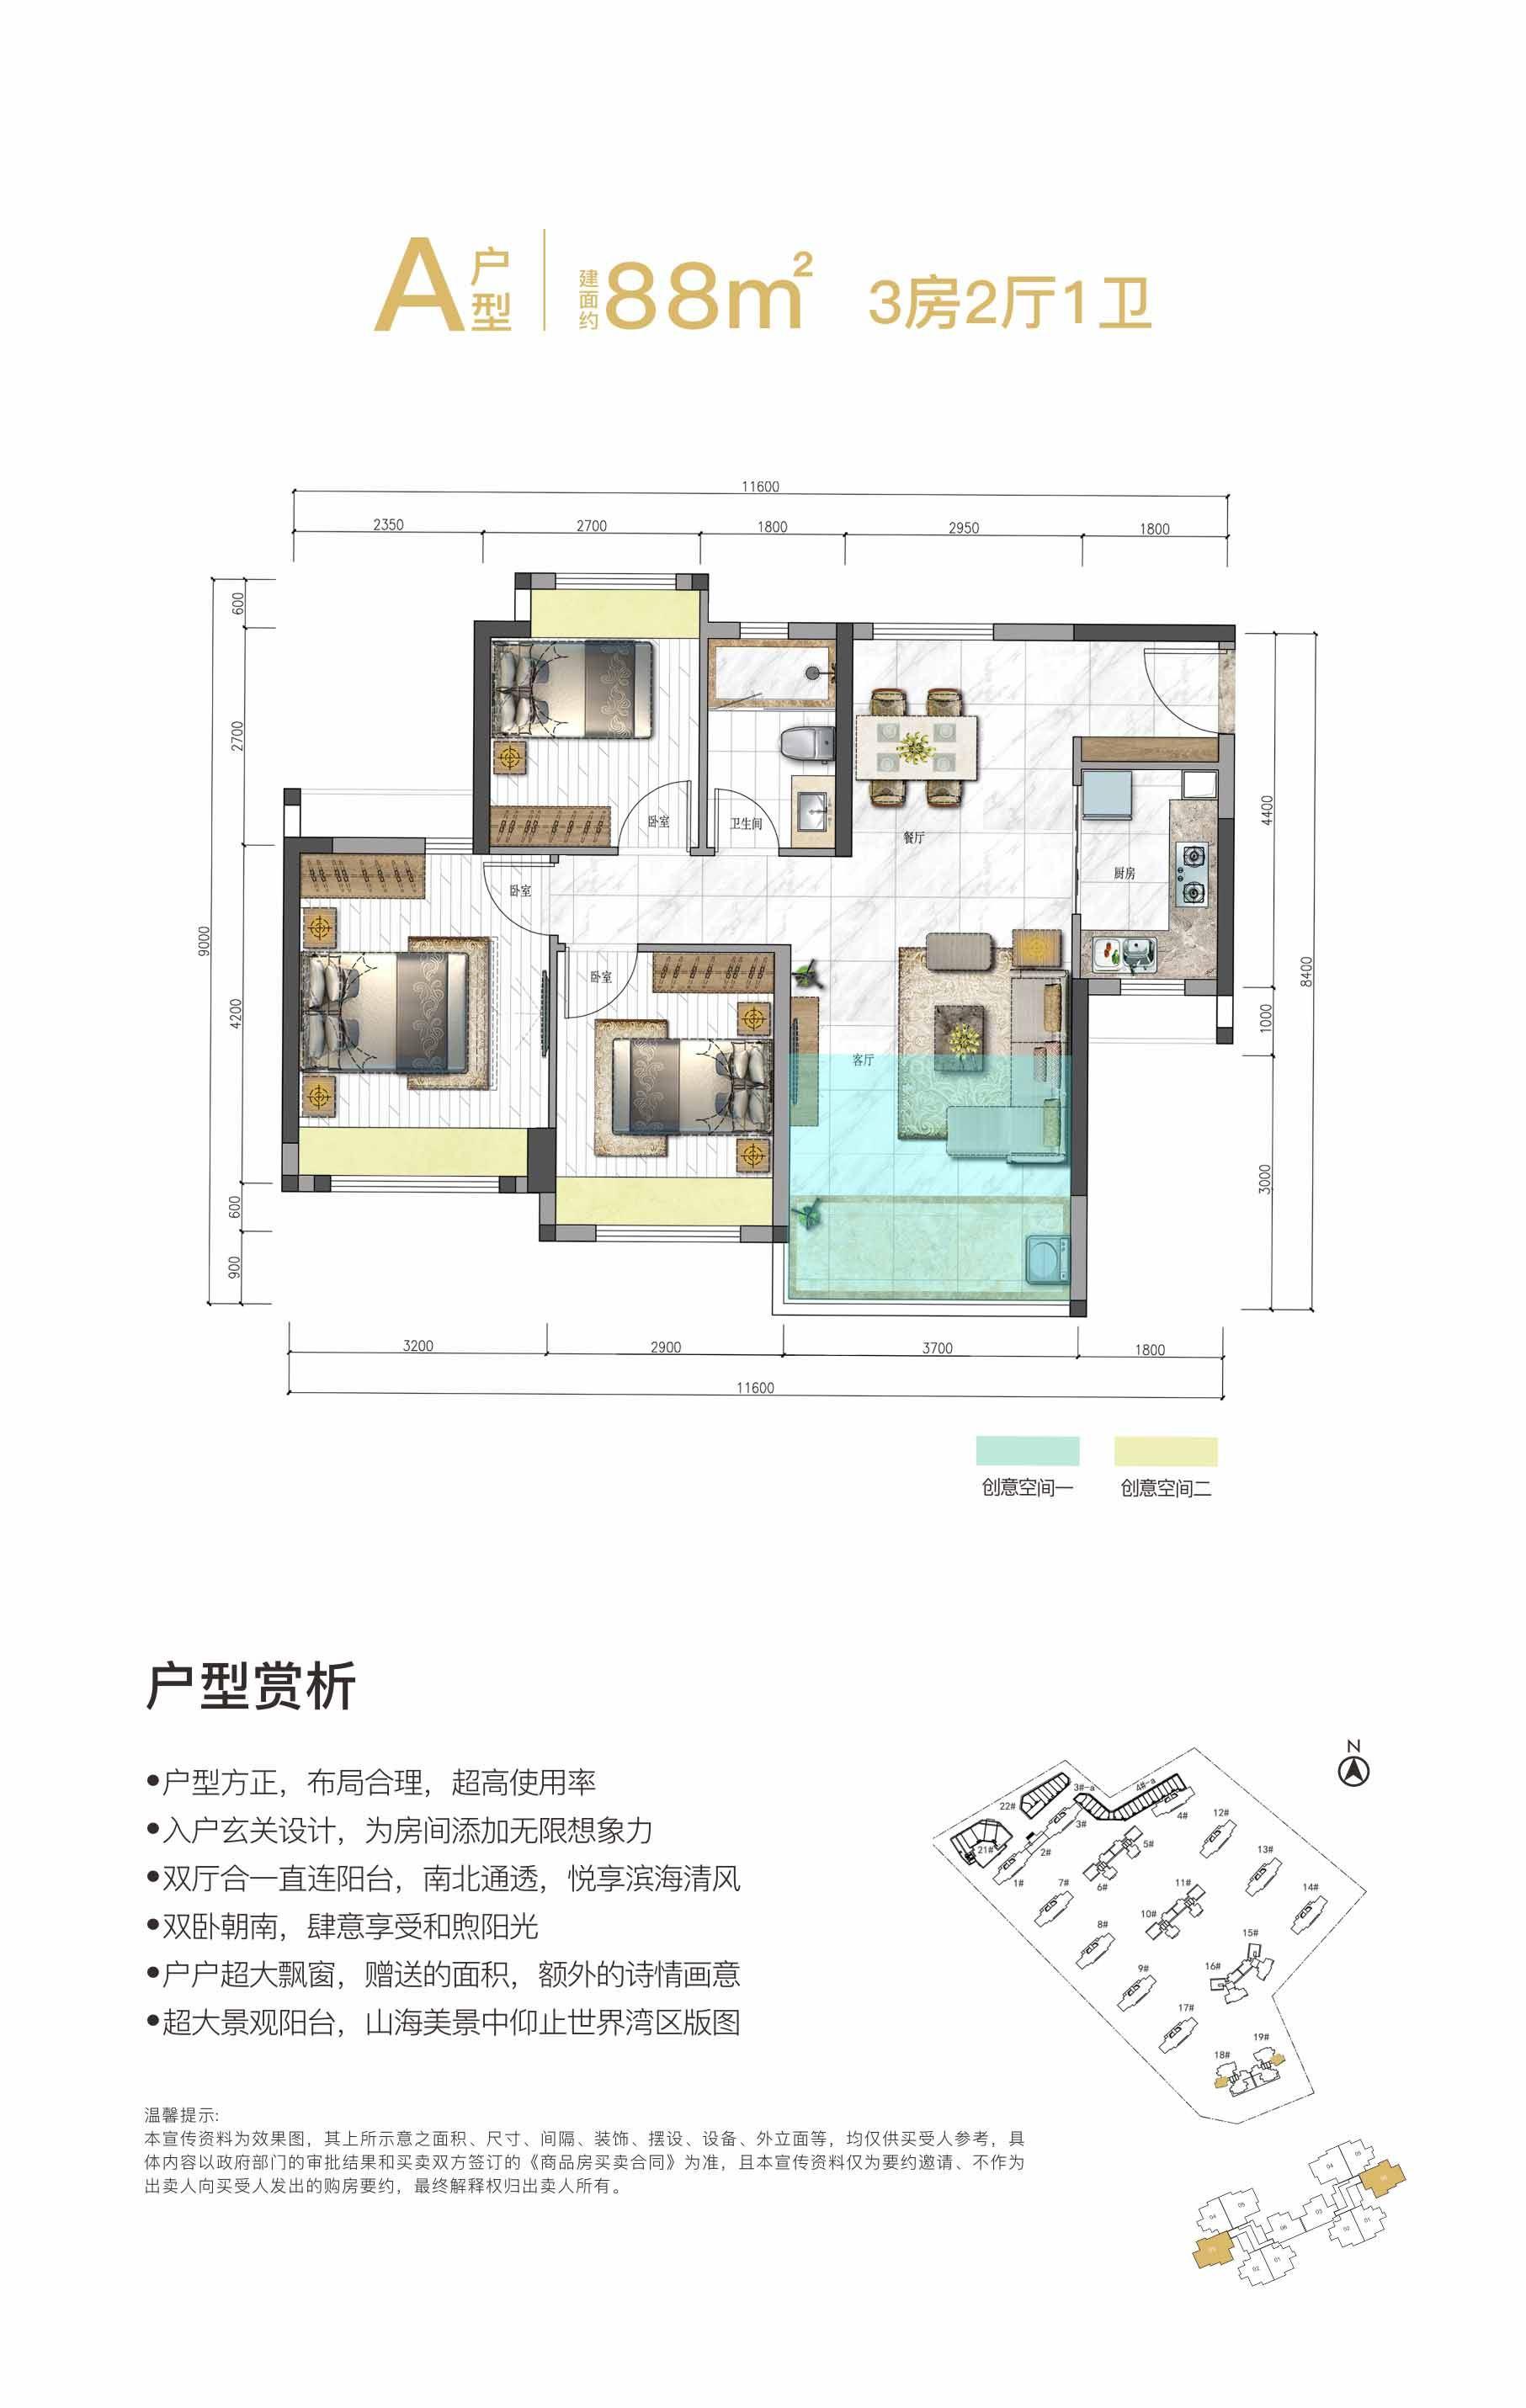 奥园天悦湾A户型3室2厅1卫1厨建筑面积88㎡